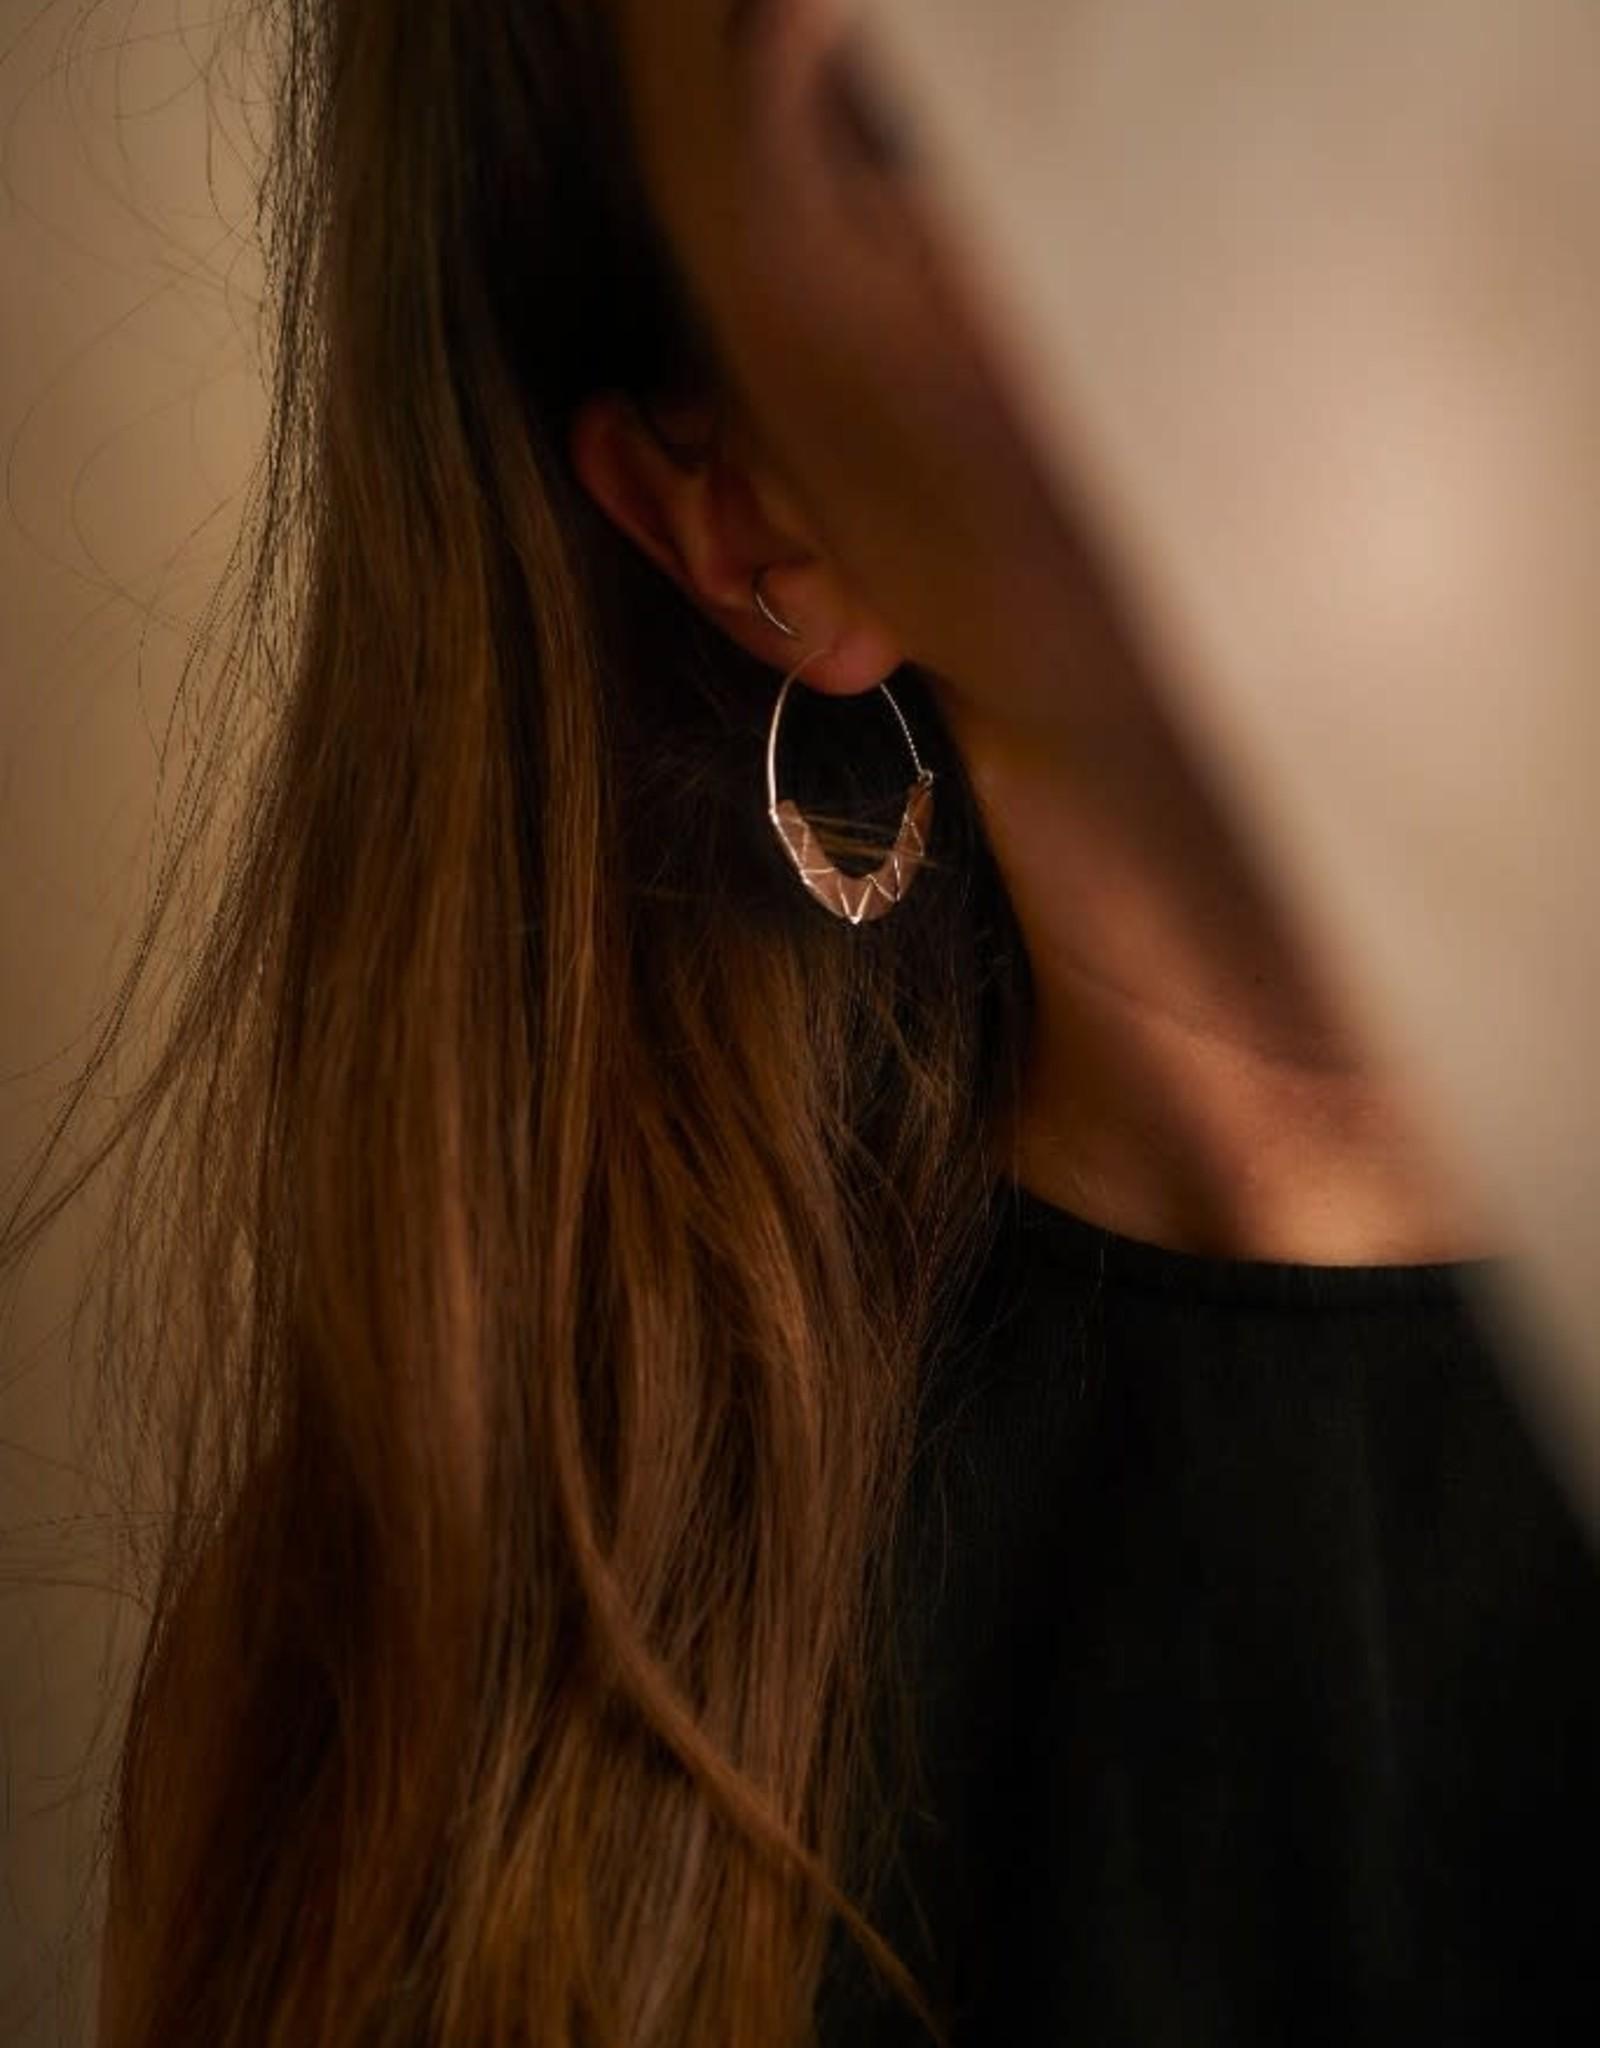 La Manufacture Boucles d'oreilles Mylène La Manufacture Laiton